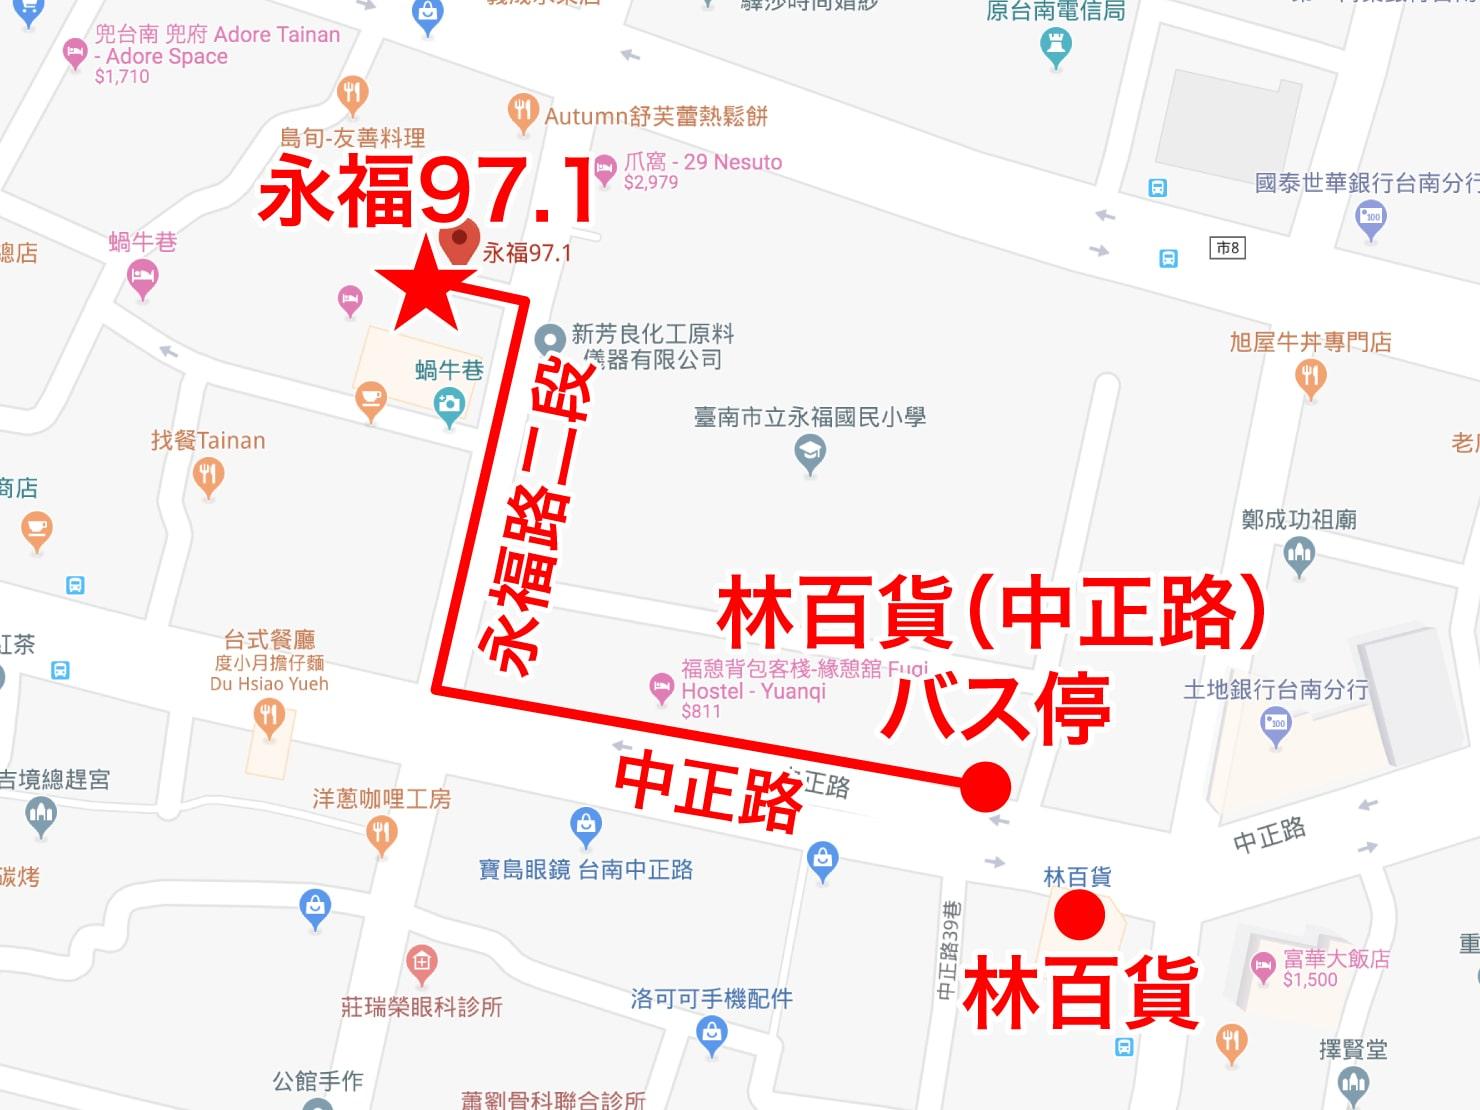 台南のおすすめ古民家ゲストハウス「永福97.1」へのアクセス